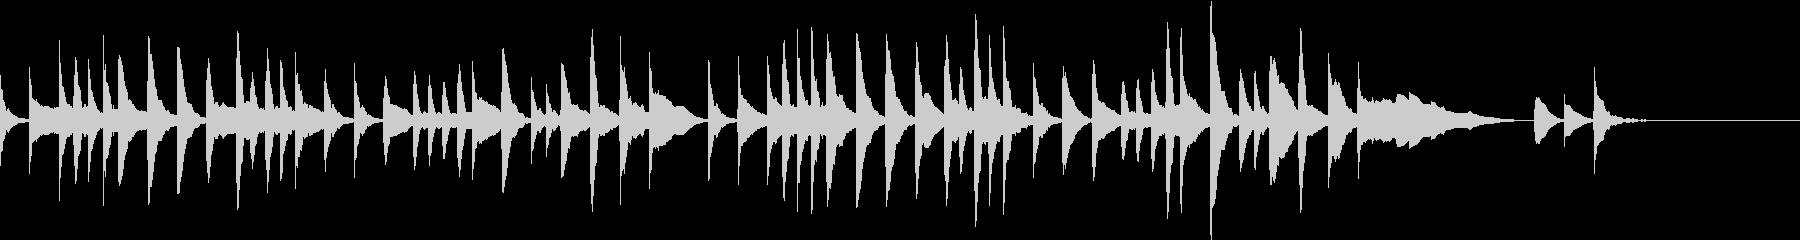 チープで可愛いマリンバのクリスマスソングの未再生の波形